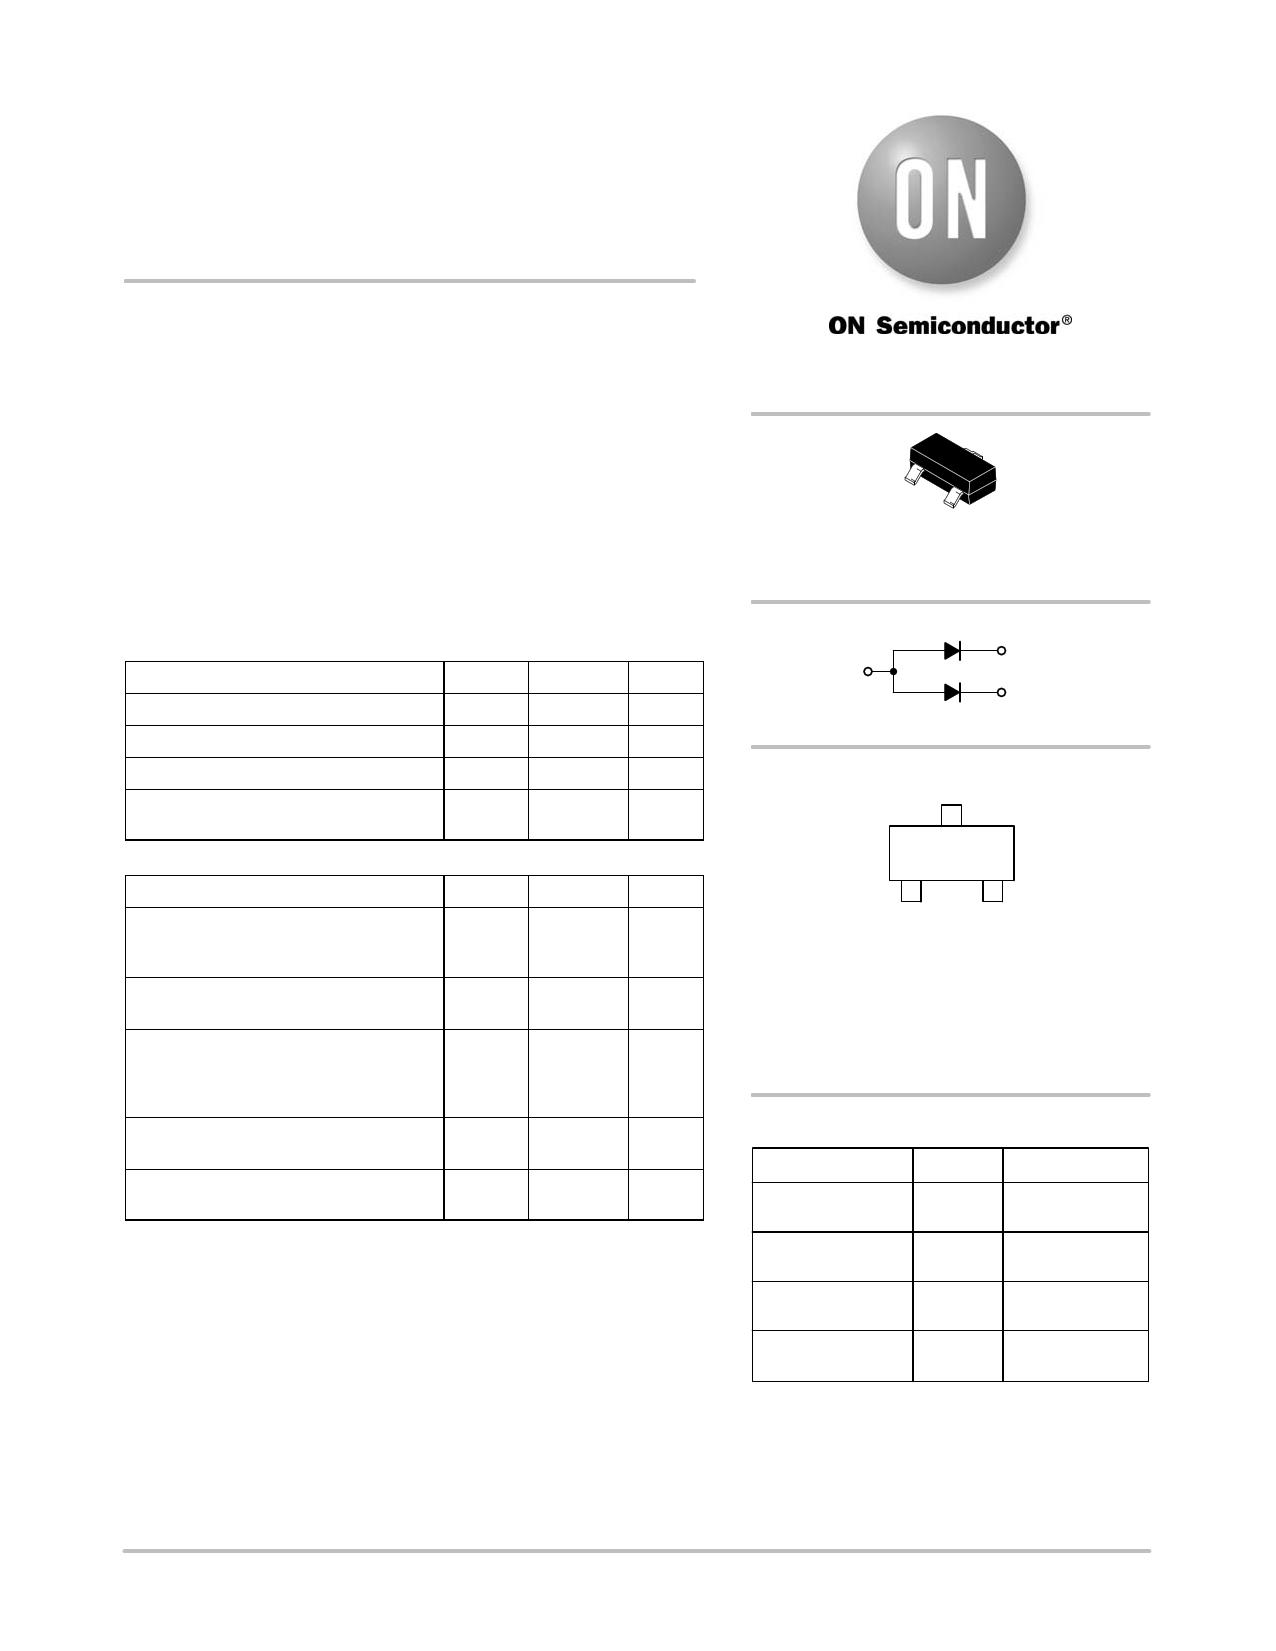 BAW56LT1G دیتاشیت PDF